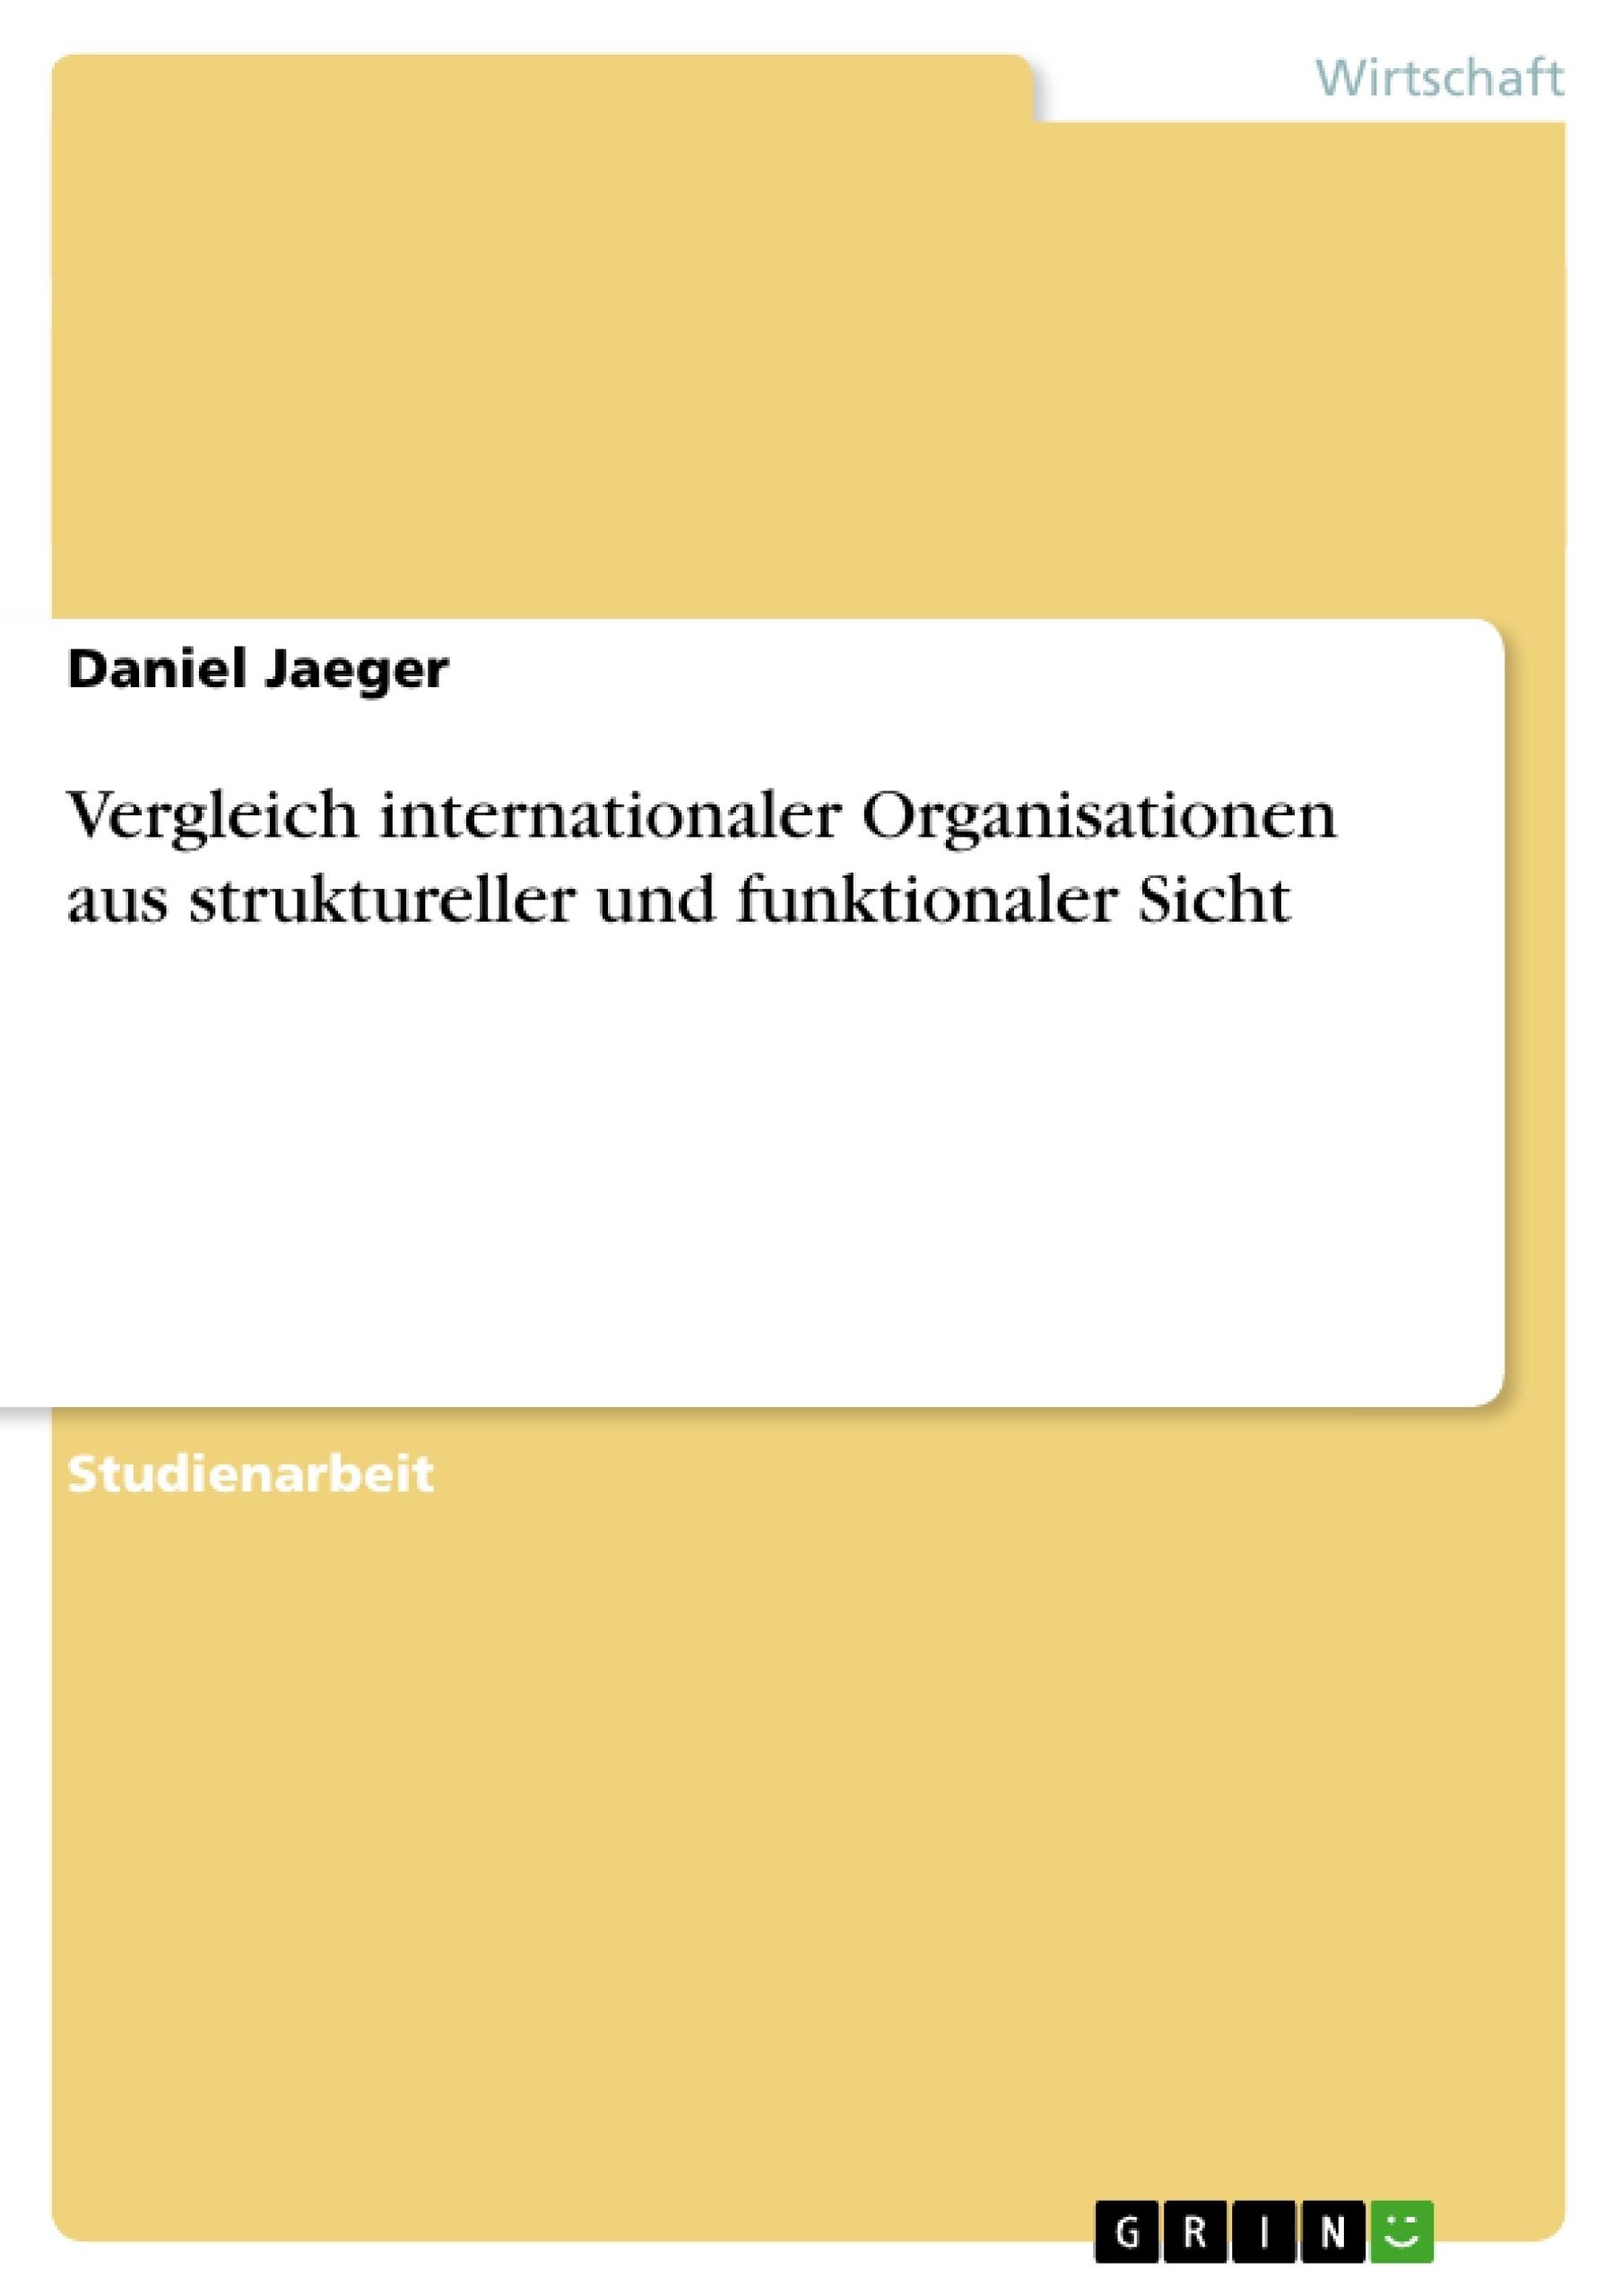 Titel: Vergleich internationaler Organisationen aus struktureller und funktionaler Sicht